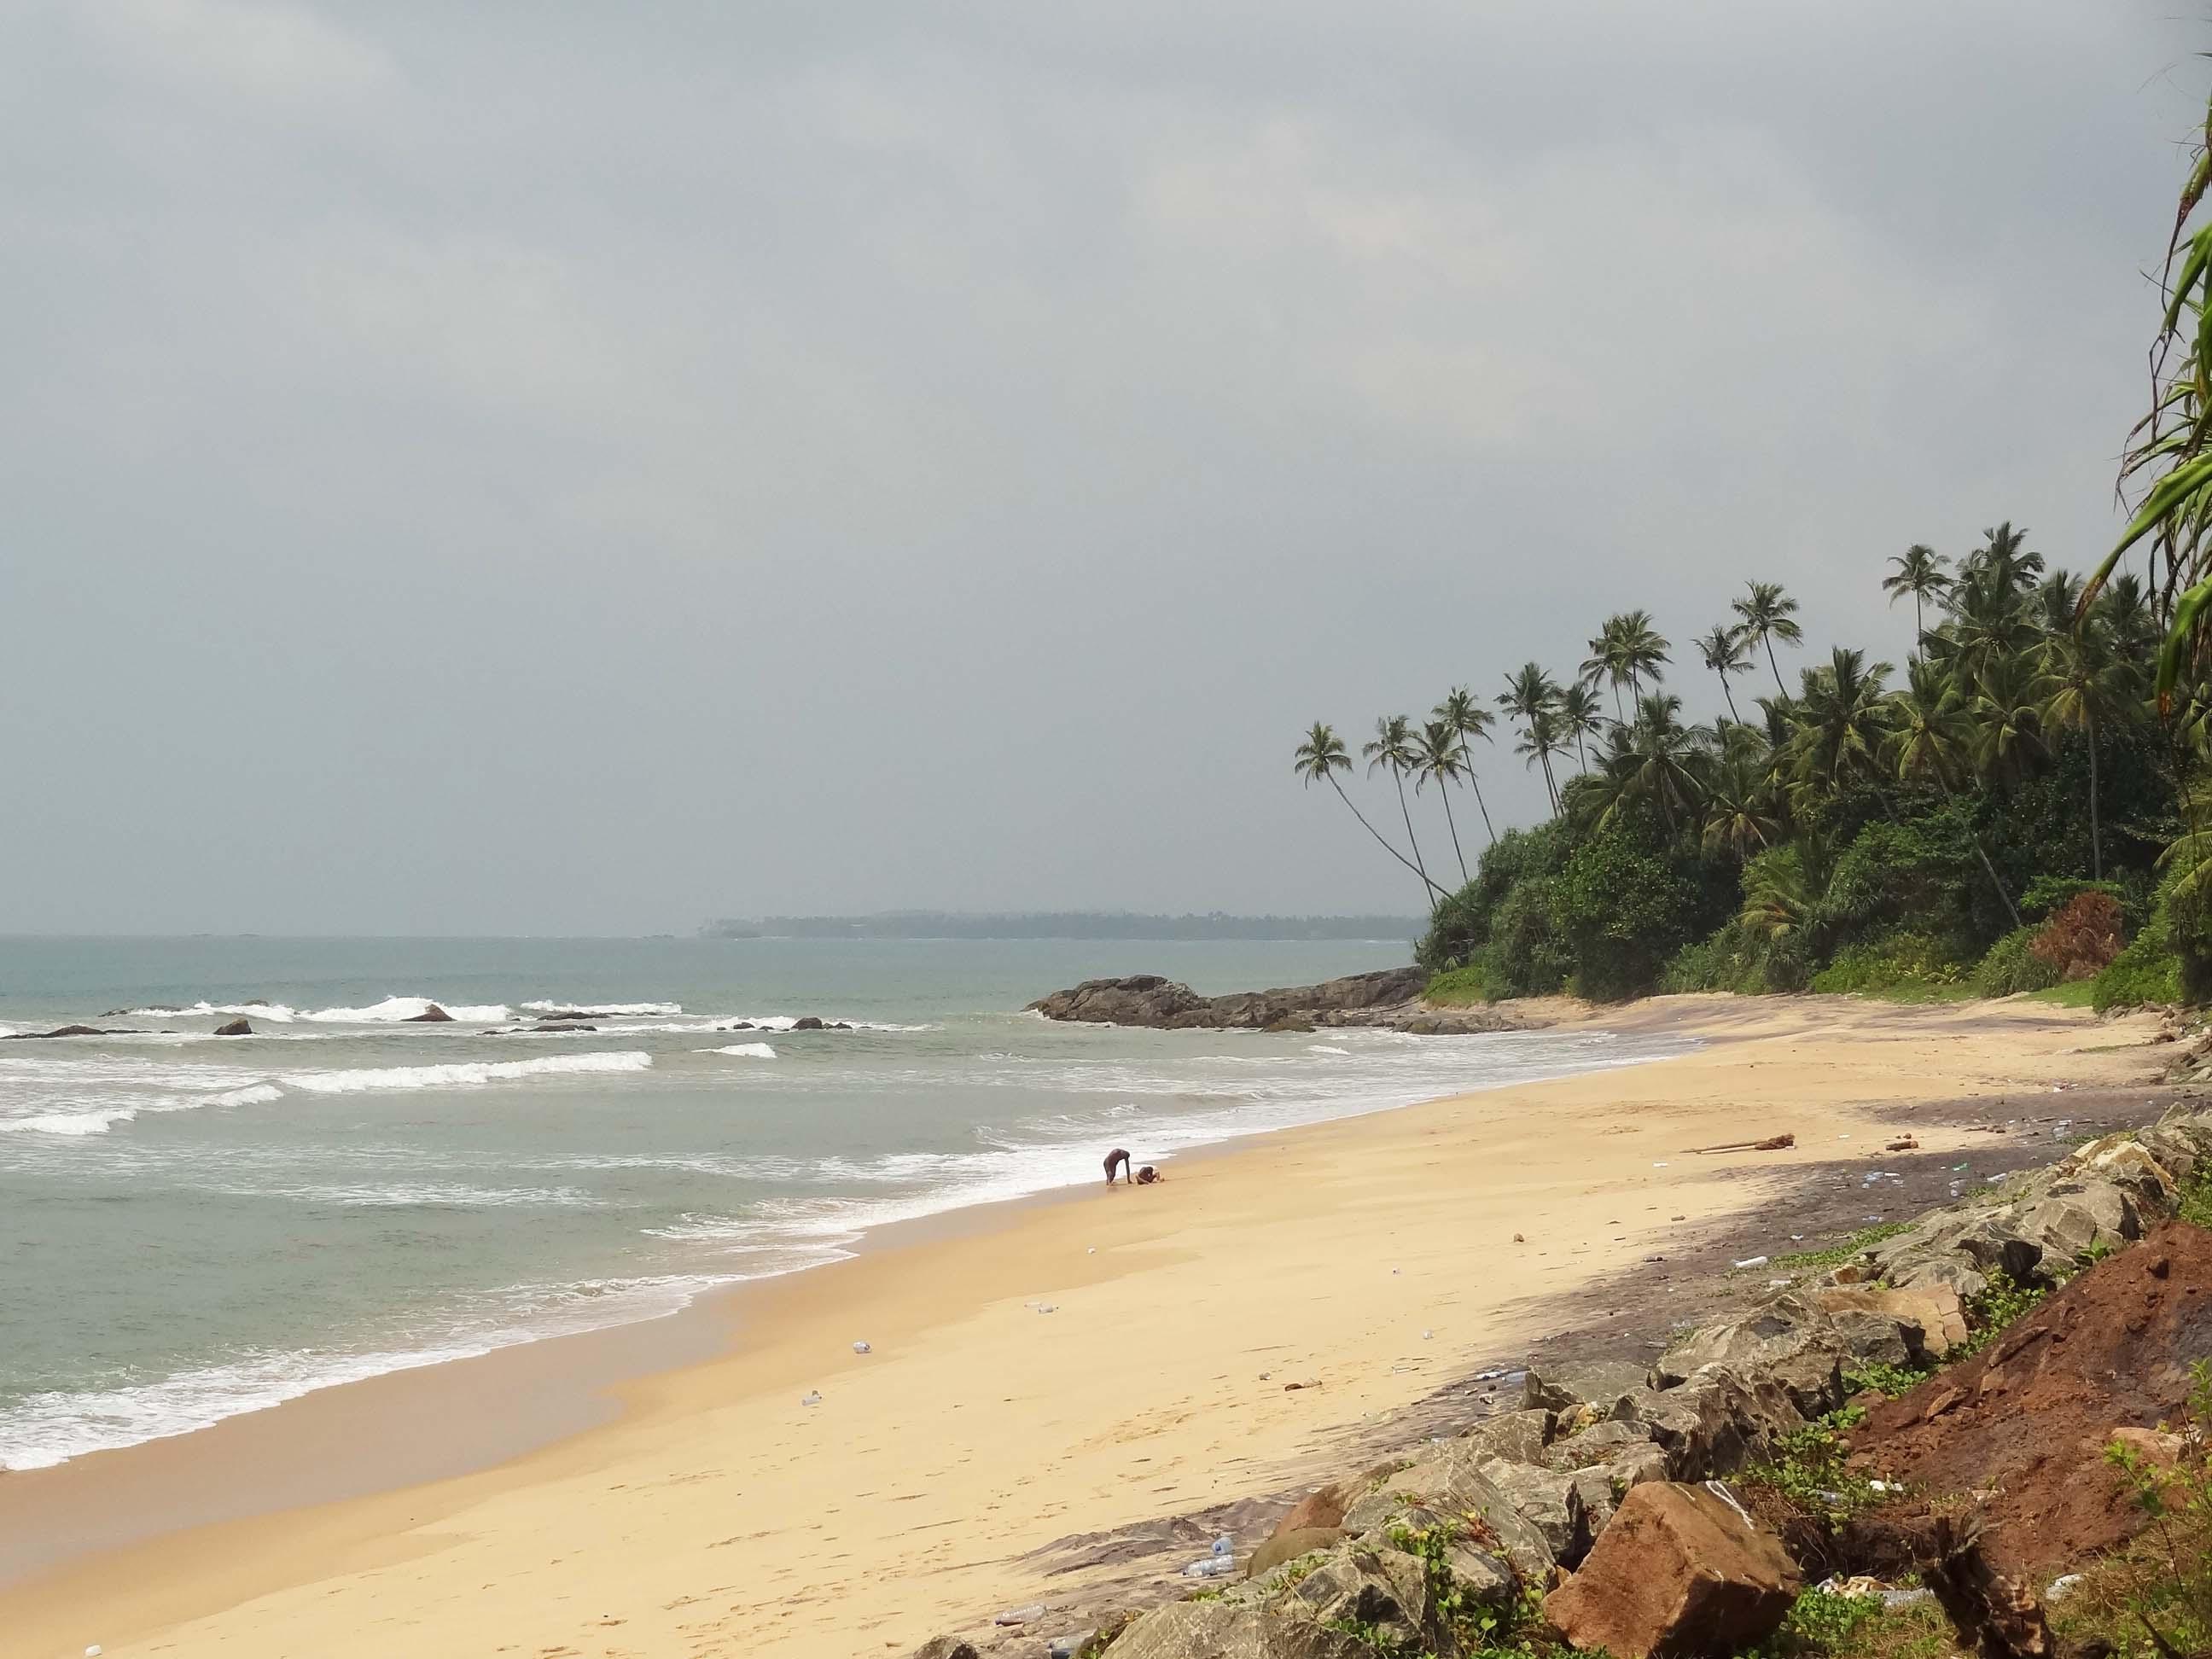 Sudkustenflair Und Tsunami Opfer Sri Lanka Tour Part 5 Viola On Tour